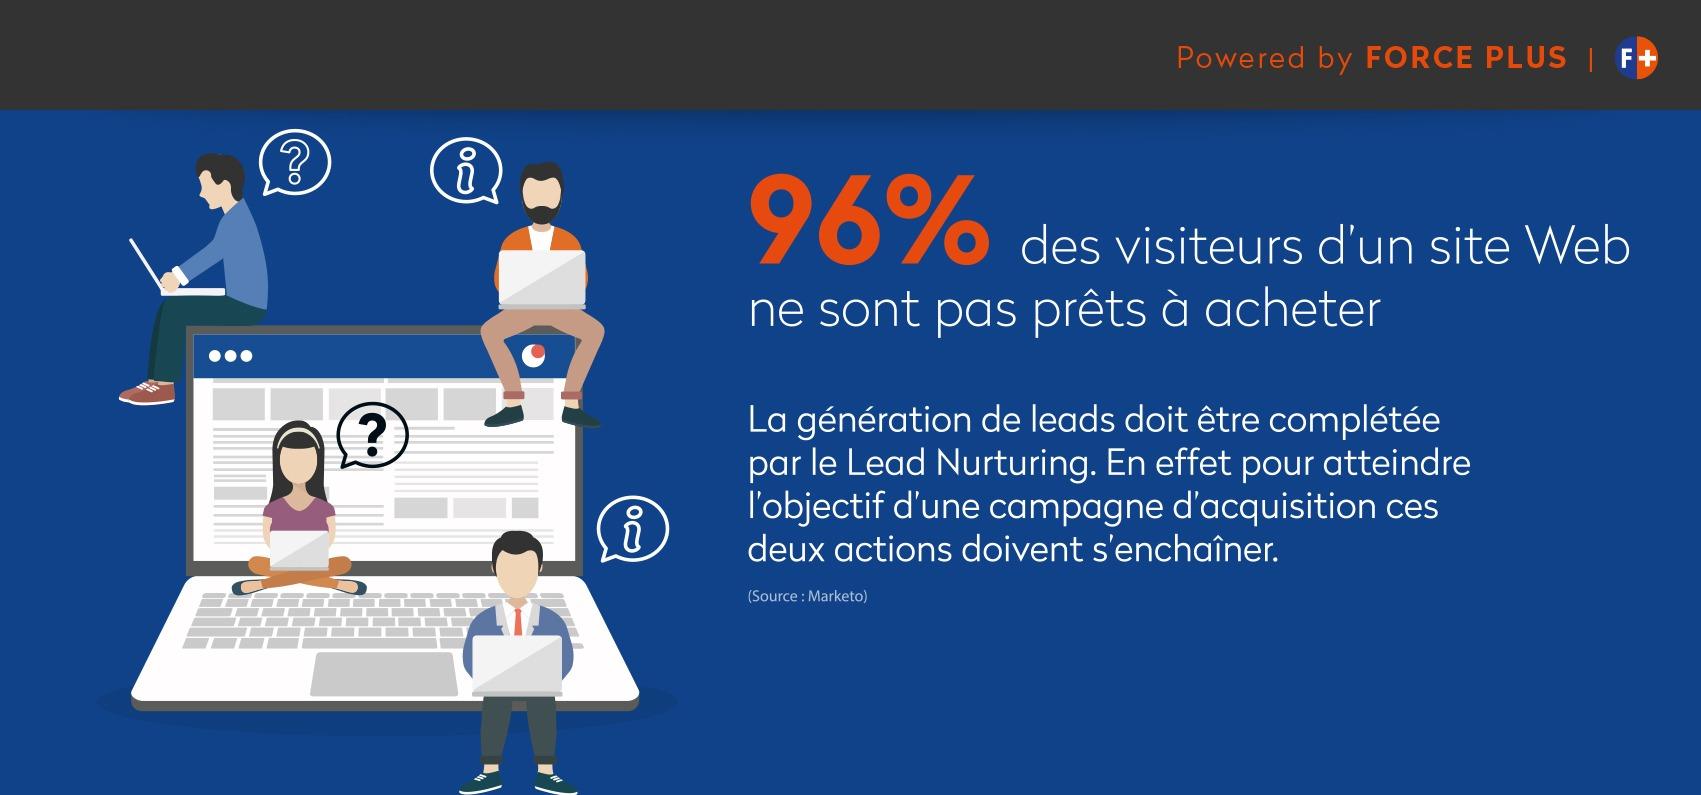 lead nurturing, 96% des visiteurs ne se transforment pas en client   Force Plus